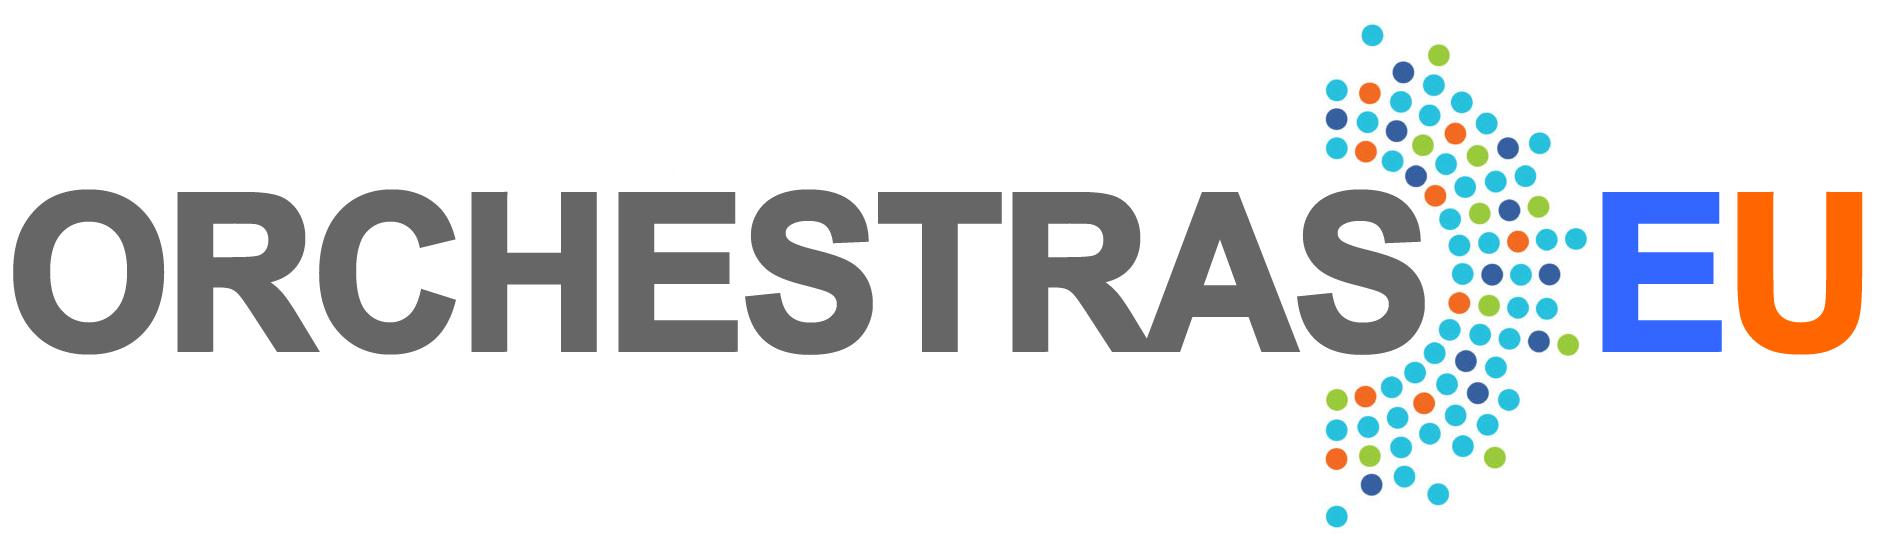 logo orchestras.eu